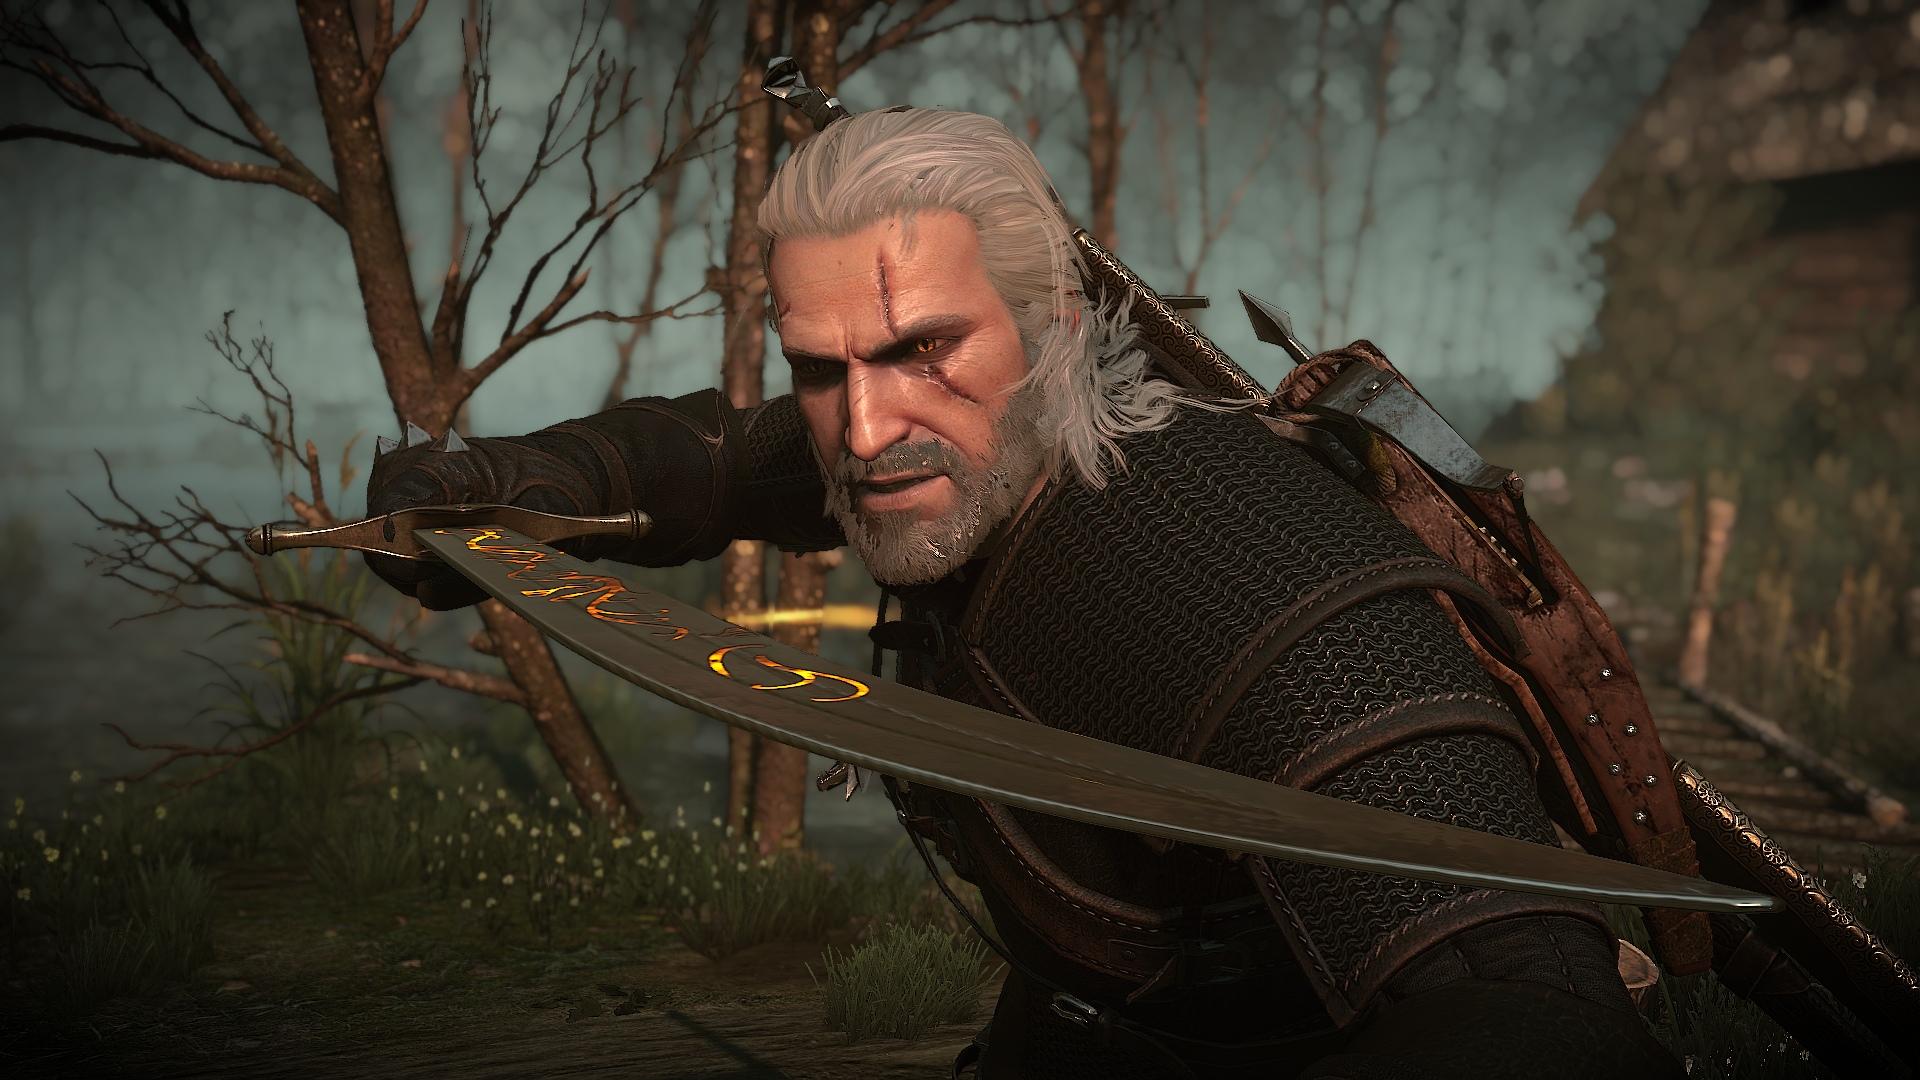 EI86TJjVZEc.jpg - The Witcher 3: Wild Hunt